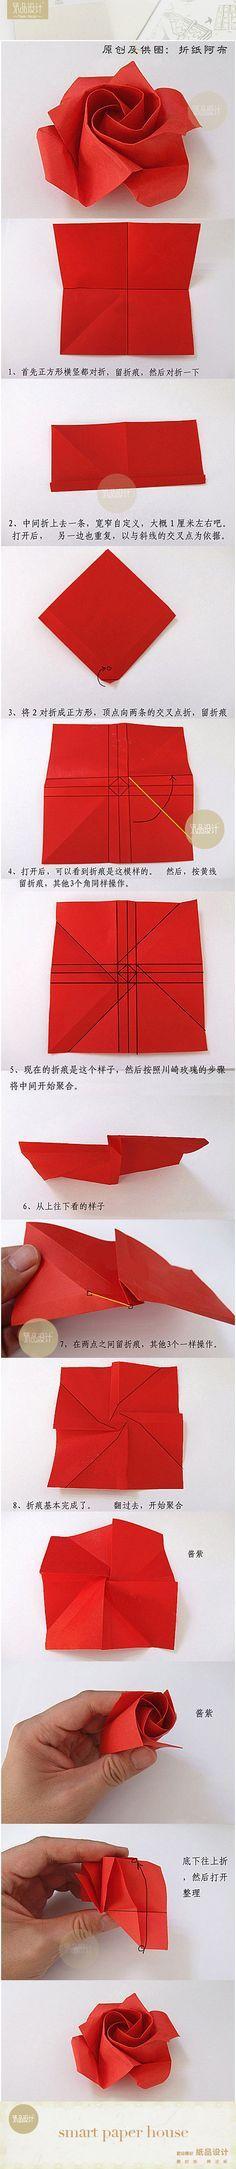 DIY Origami Rose Tutorial